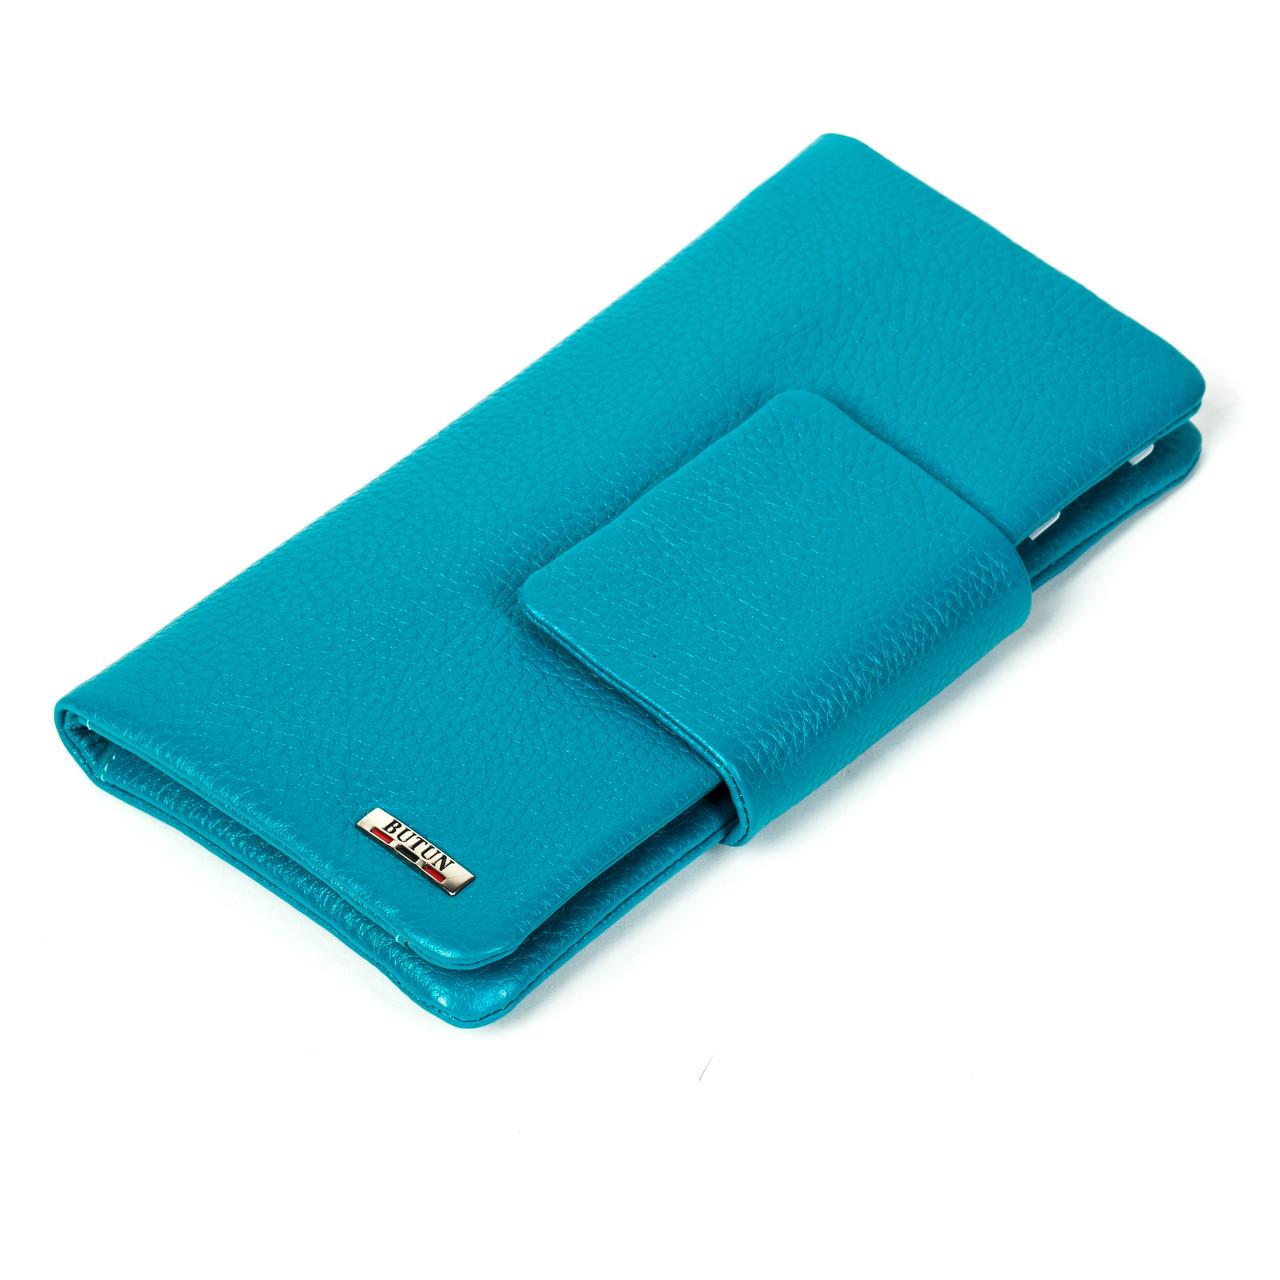 Женский кошелек клатч Butun 638-004-050 кожаный бирюзовый